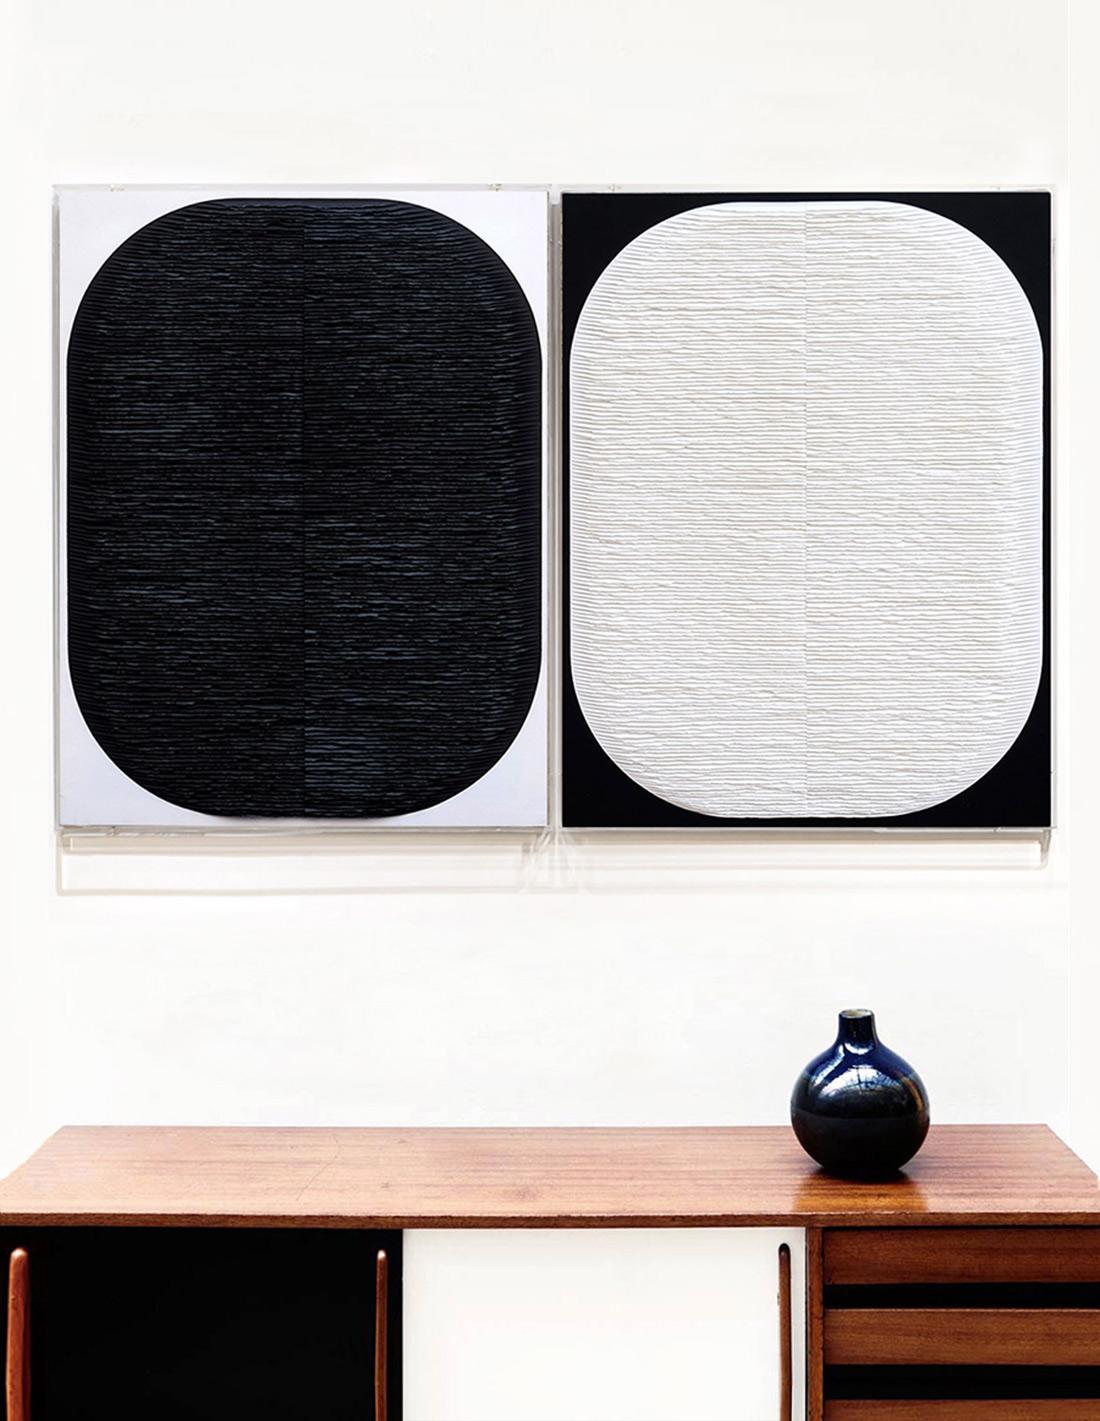 Fernando Daza - Deux formes inversées (noire et blanche)